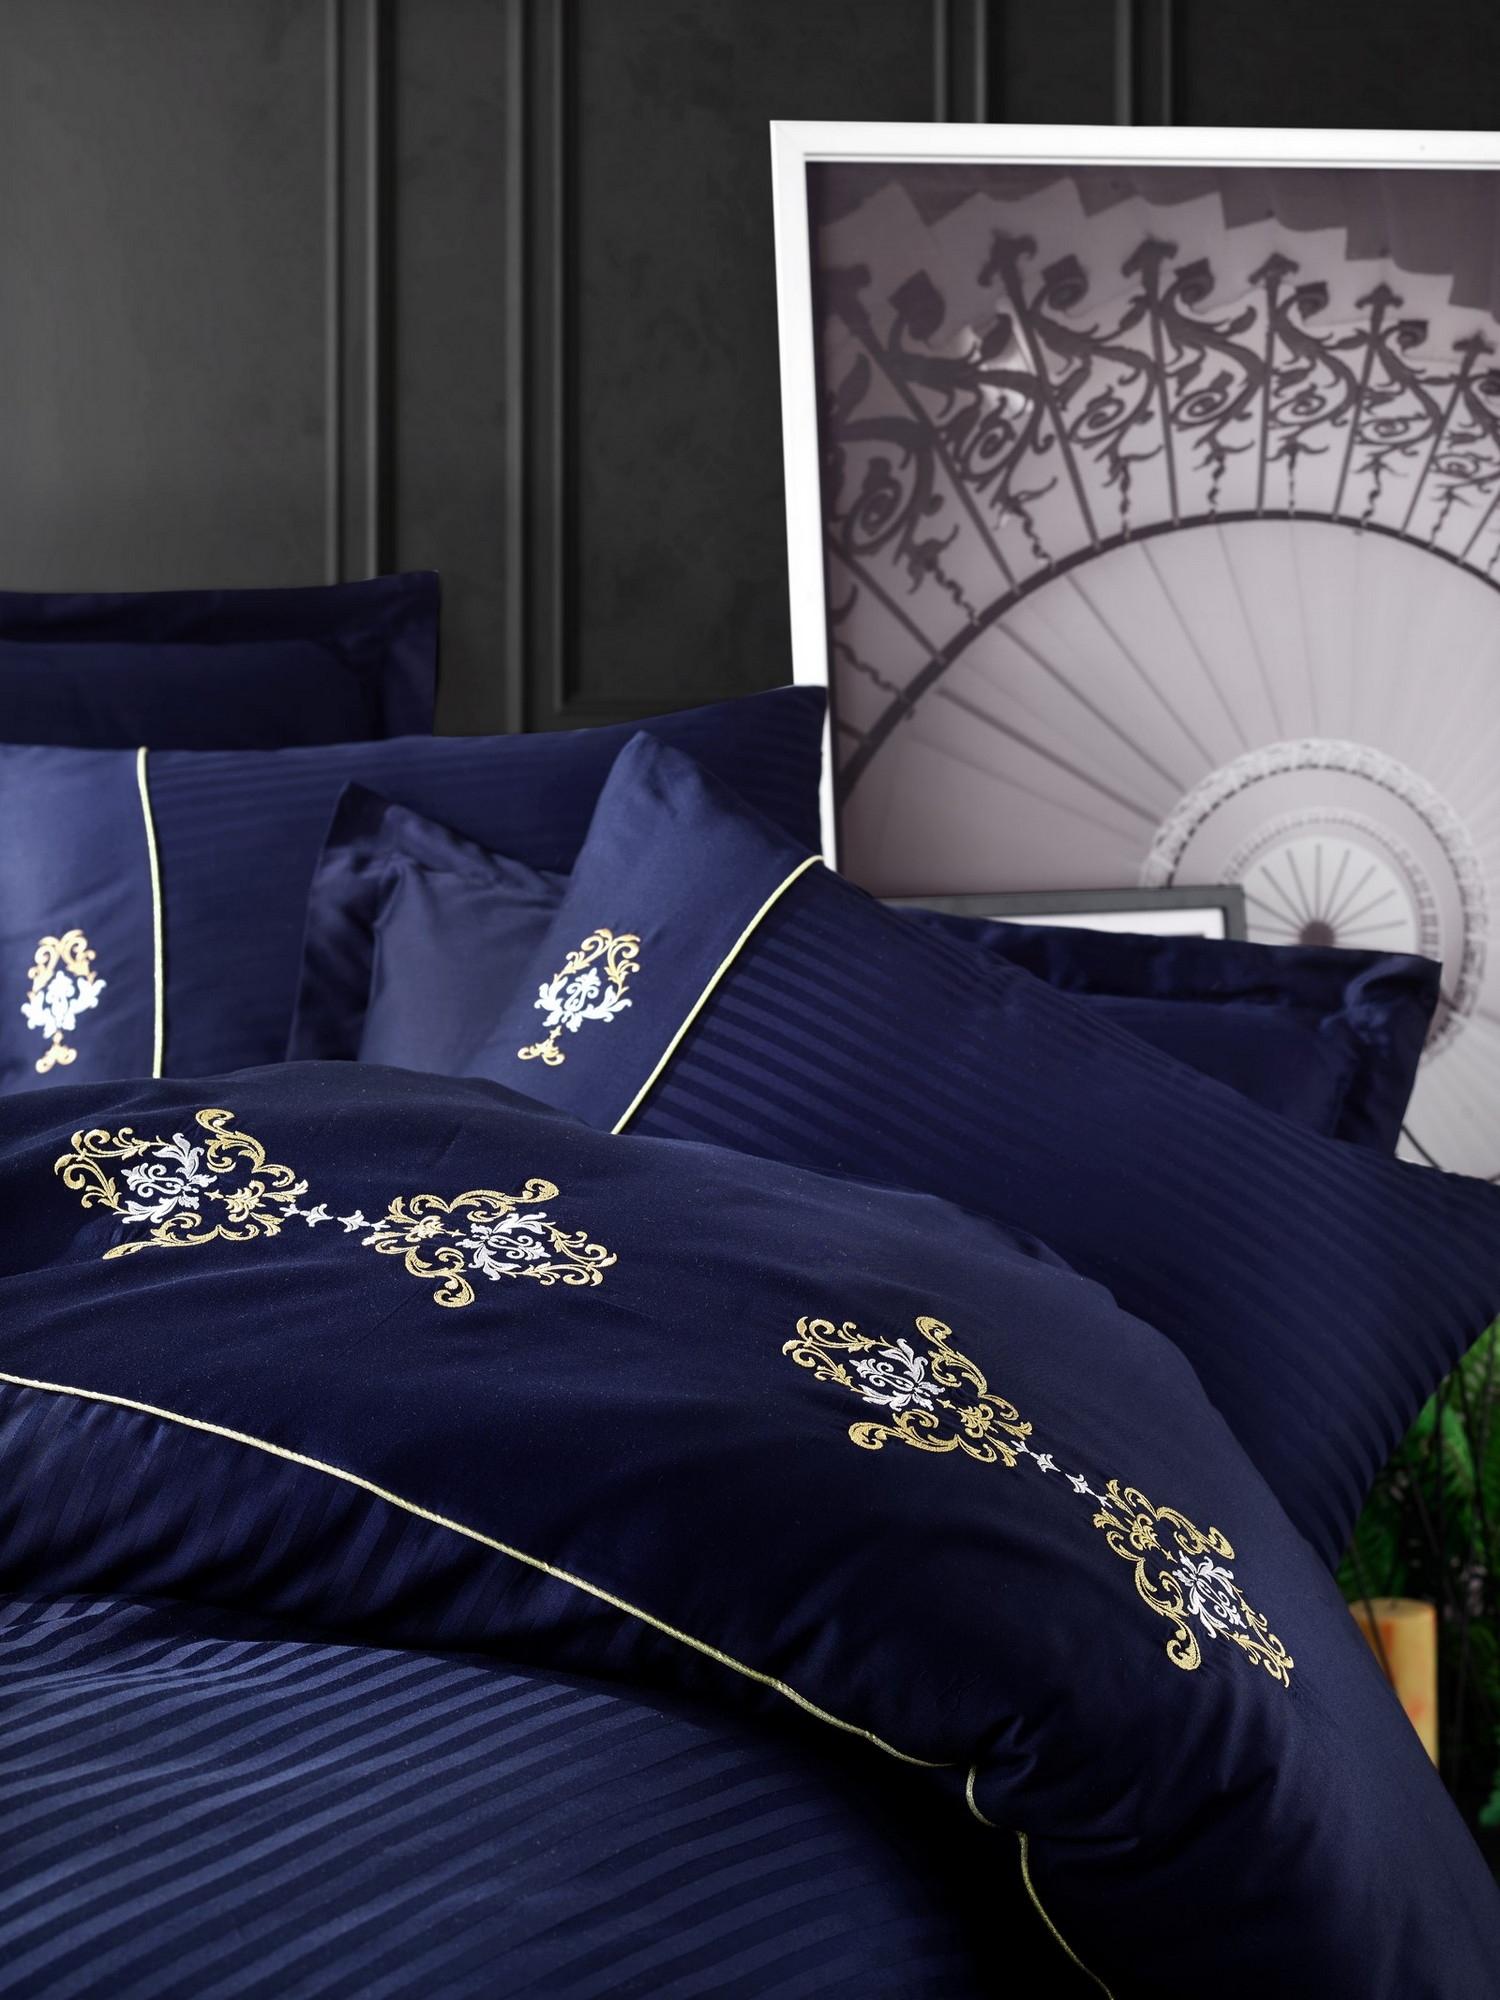 Lenjerie de pat din bumbac Satinat King Bleumarin / Galben, 200 x 220 cm imagine